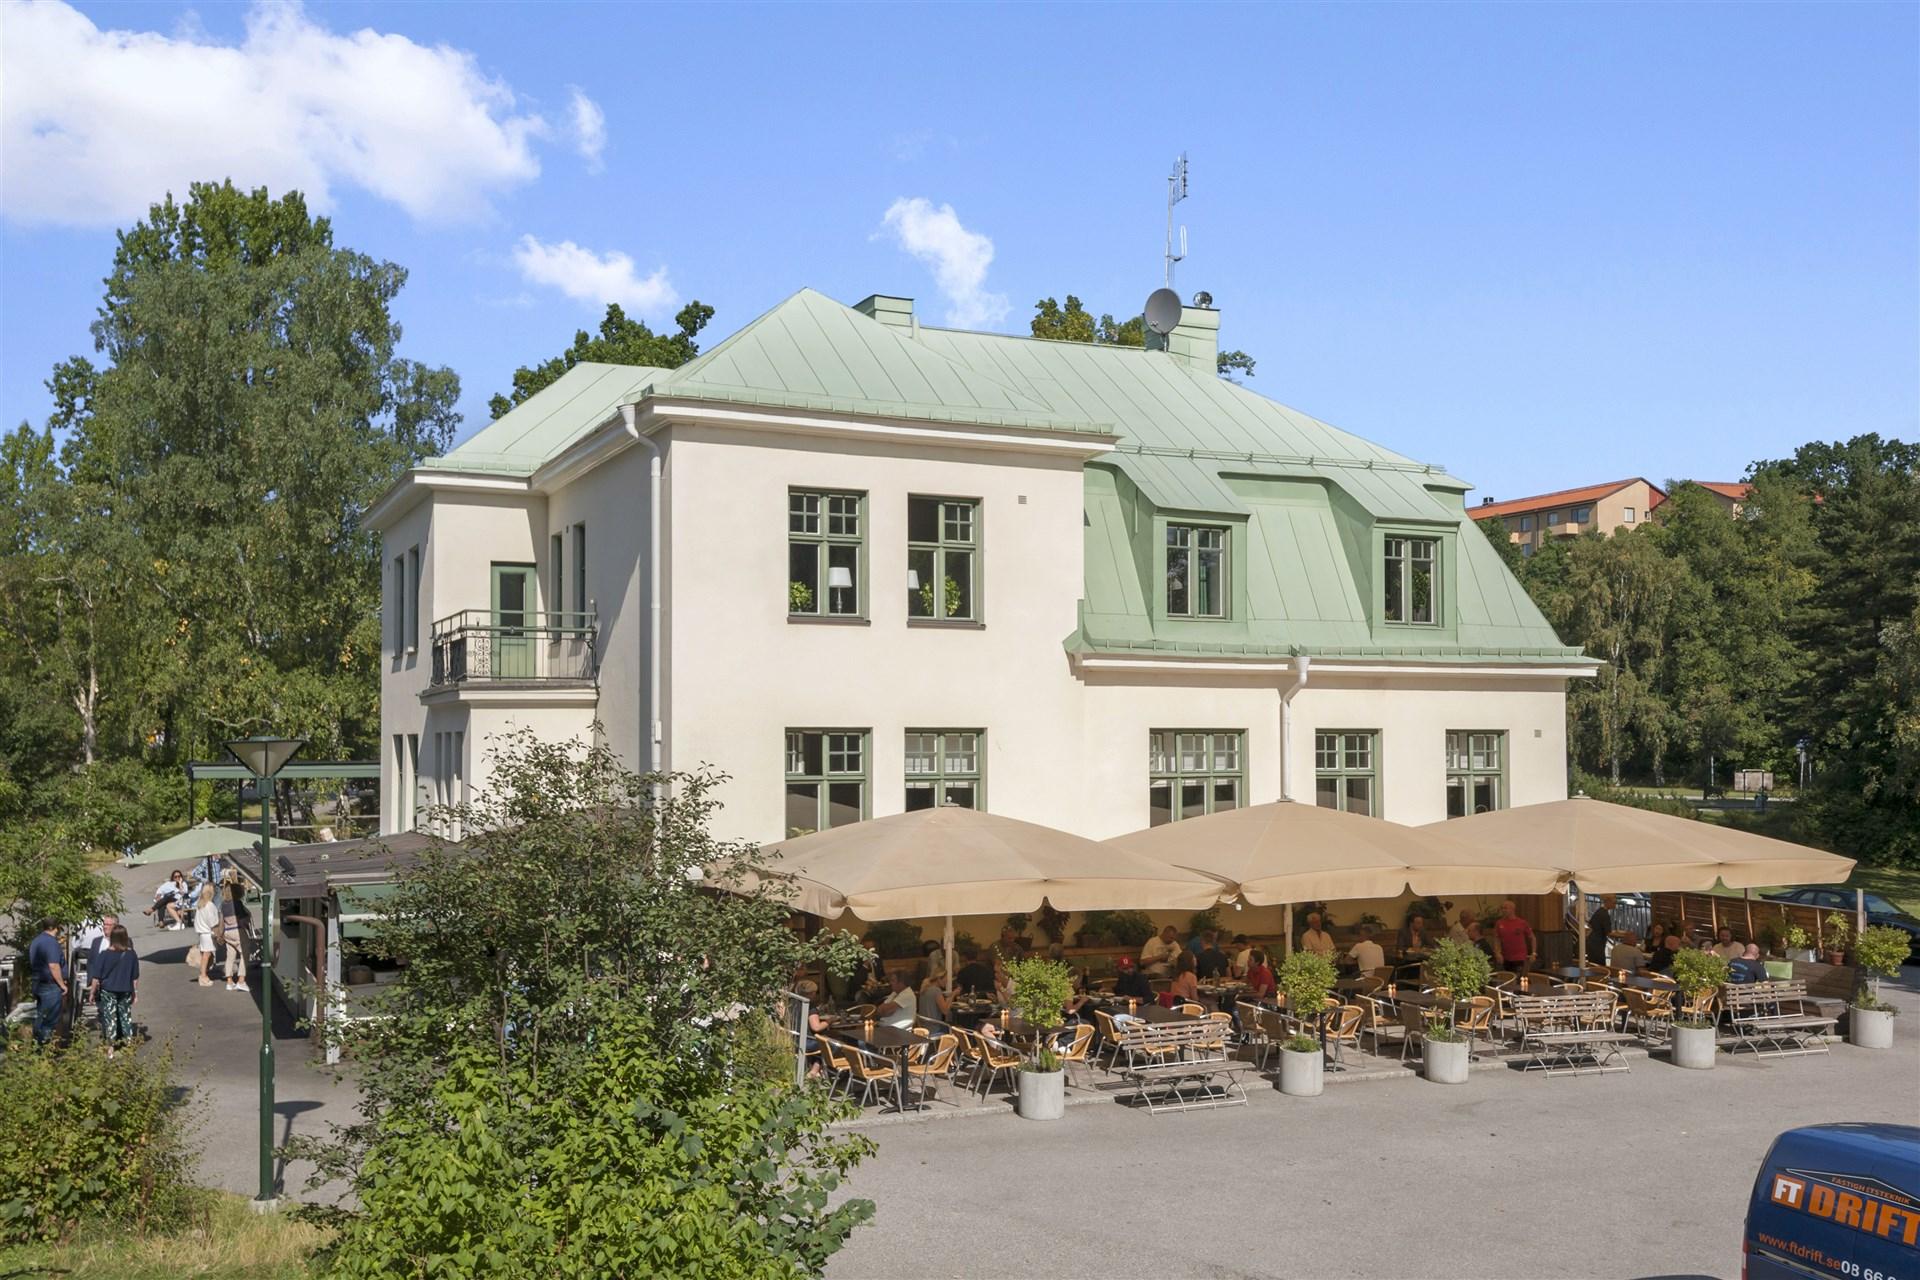 Världsberömda Långbro värdshus ligger i Långbroparken